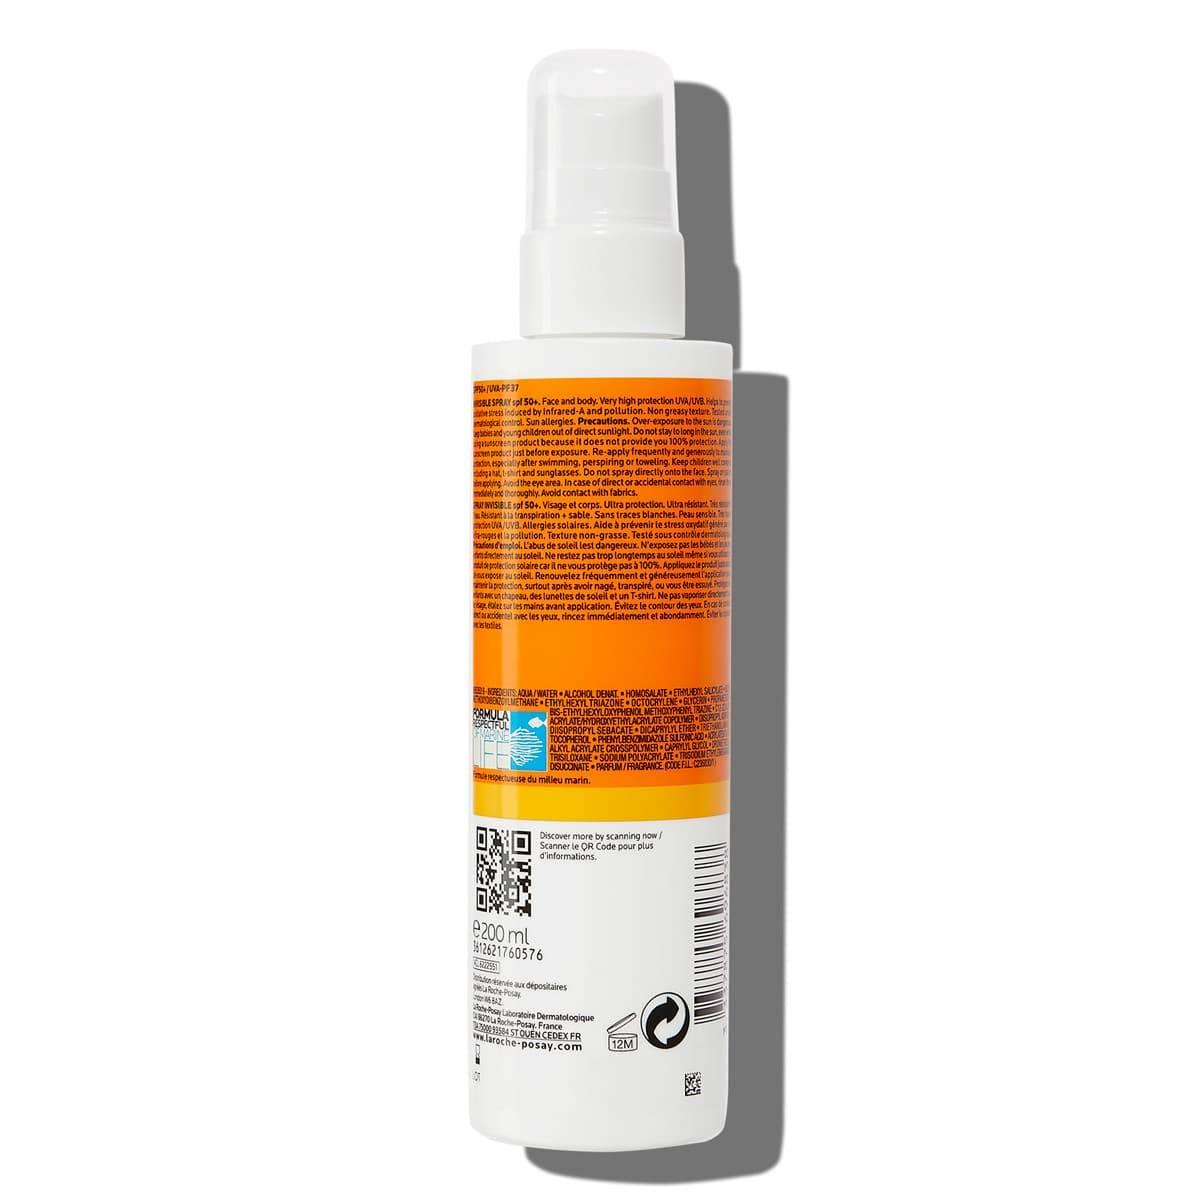 rótulo do produto anthelios protetor solar em spray invisível fps50+